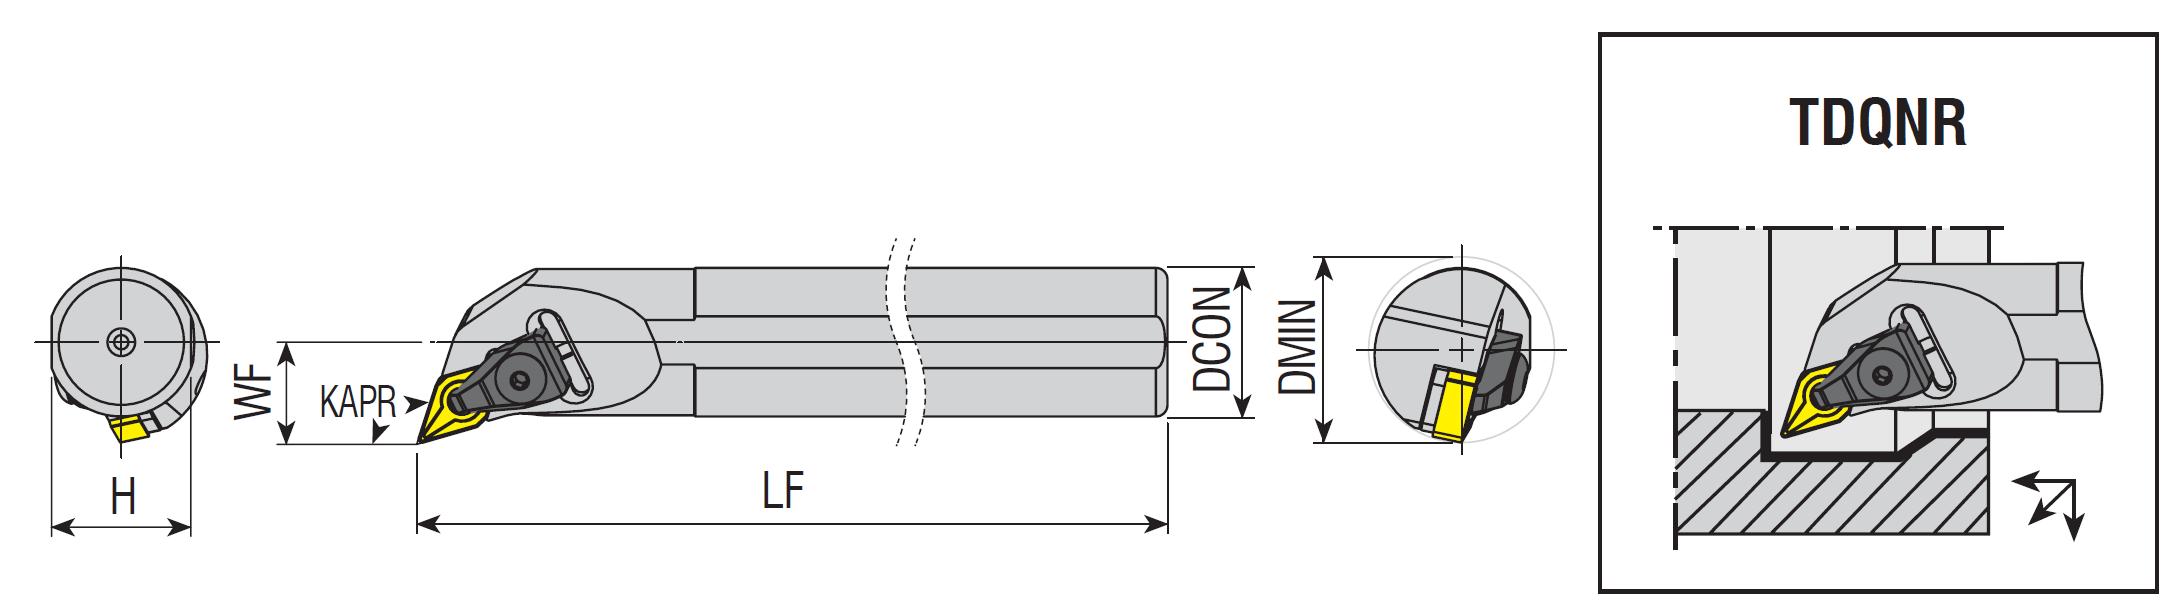 Bohrstangen TDQNR / TDQNL